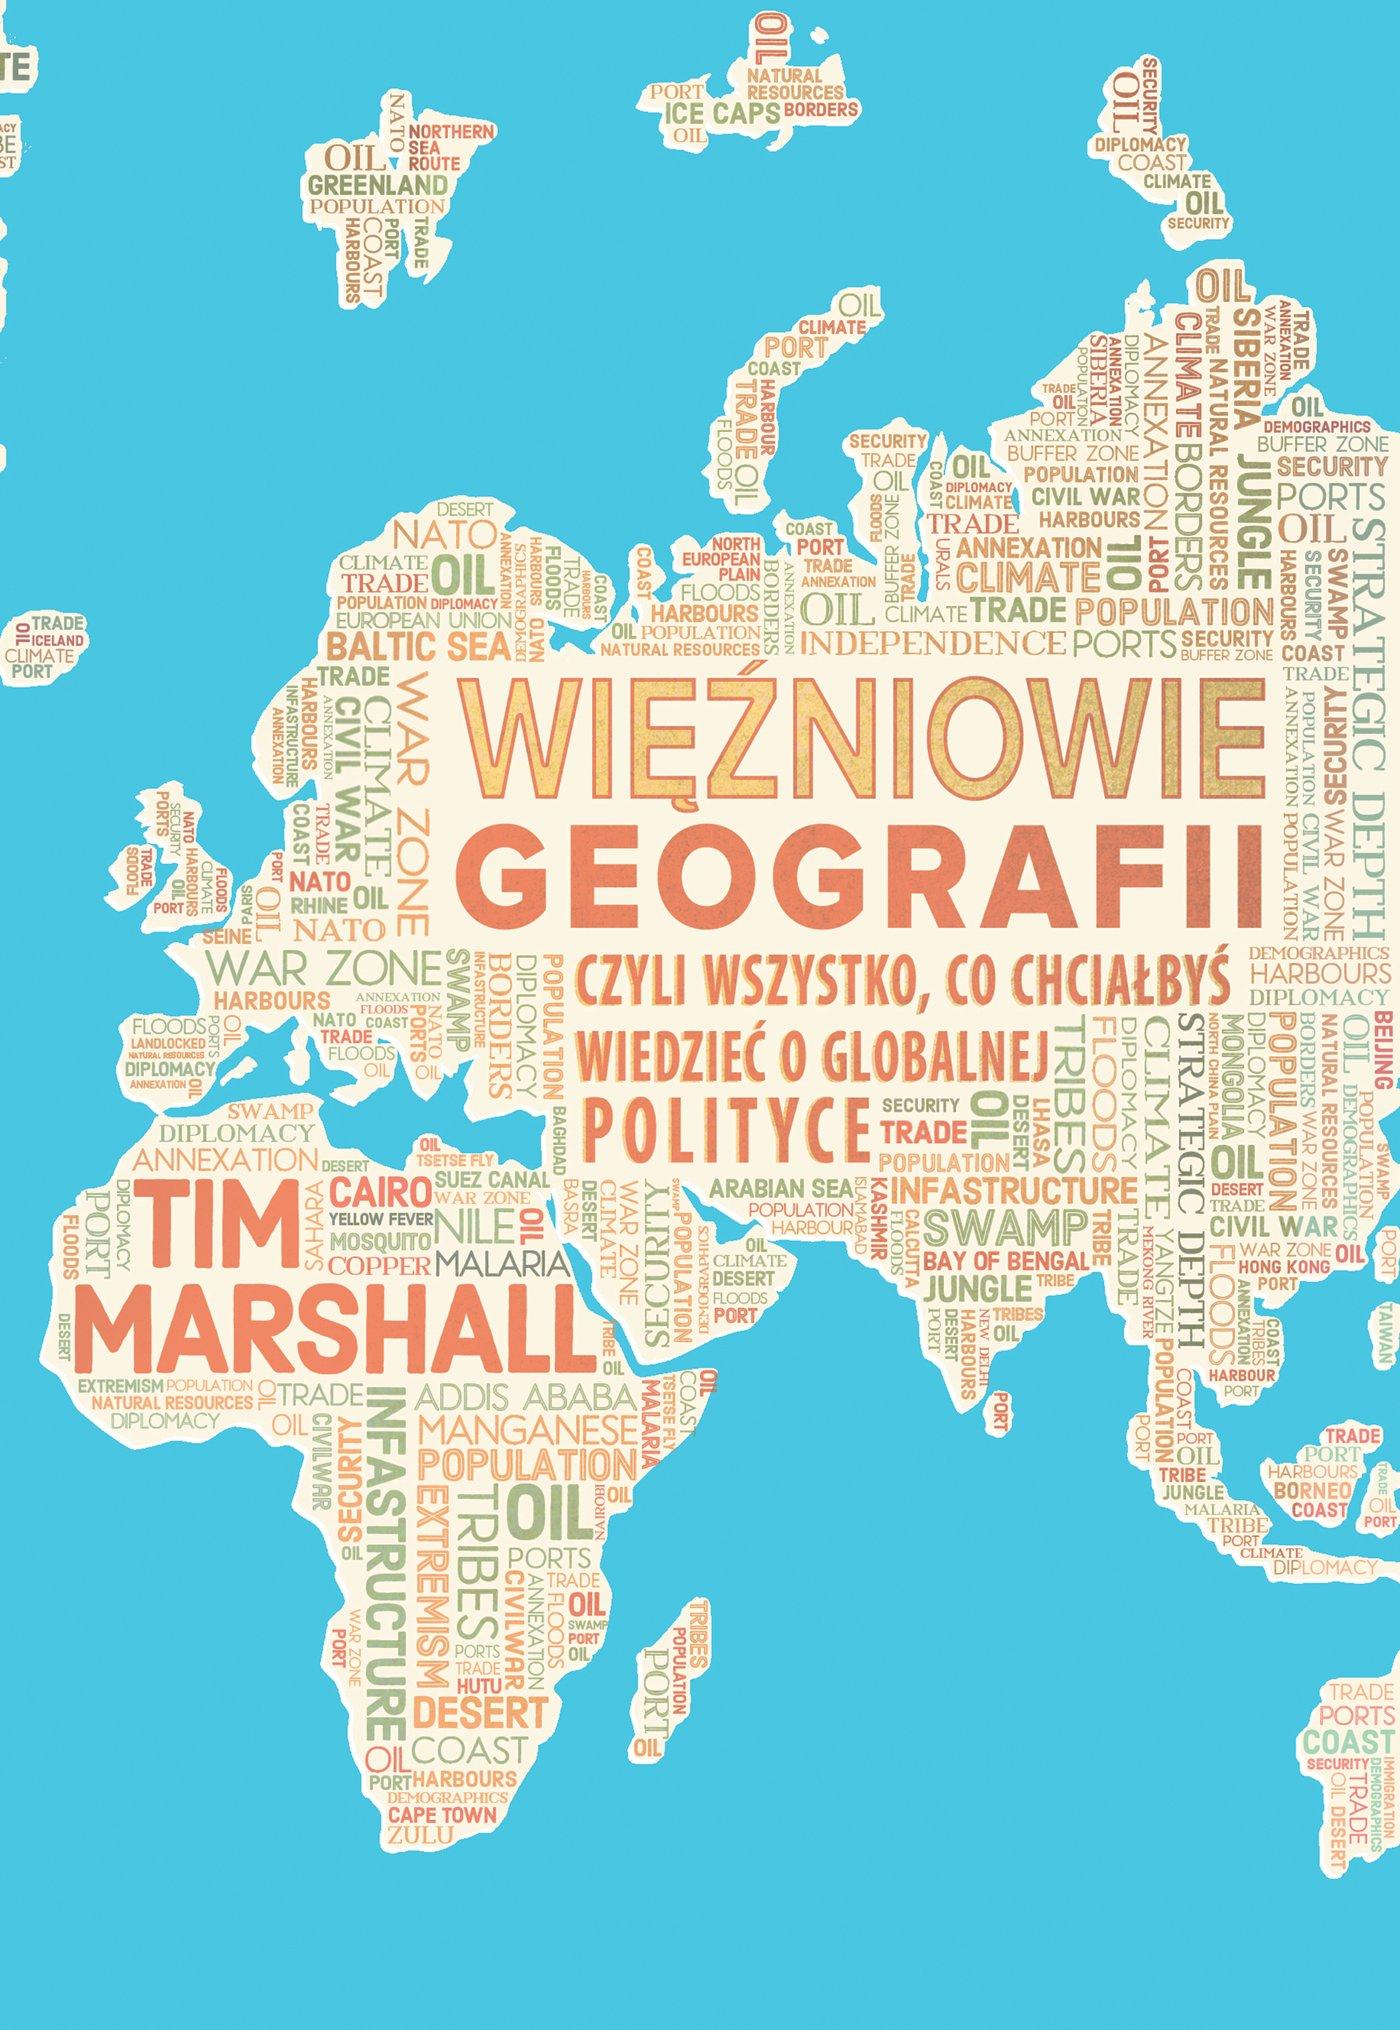 Więźniowie geografii, czyli wszystko, co chciałbyś wiedzieć o globalnej polityce - Ebook (Książka EPUB) do pobrania w formacie EPUB